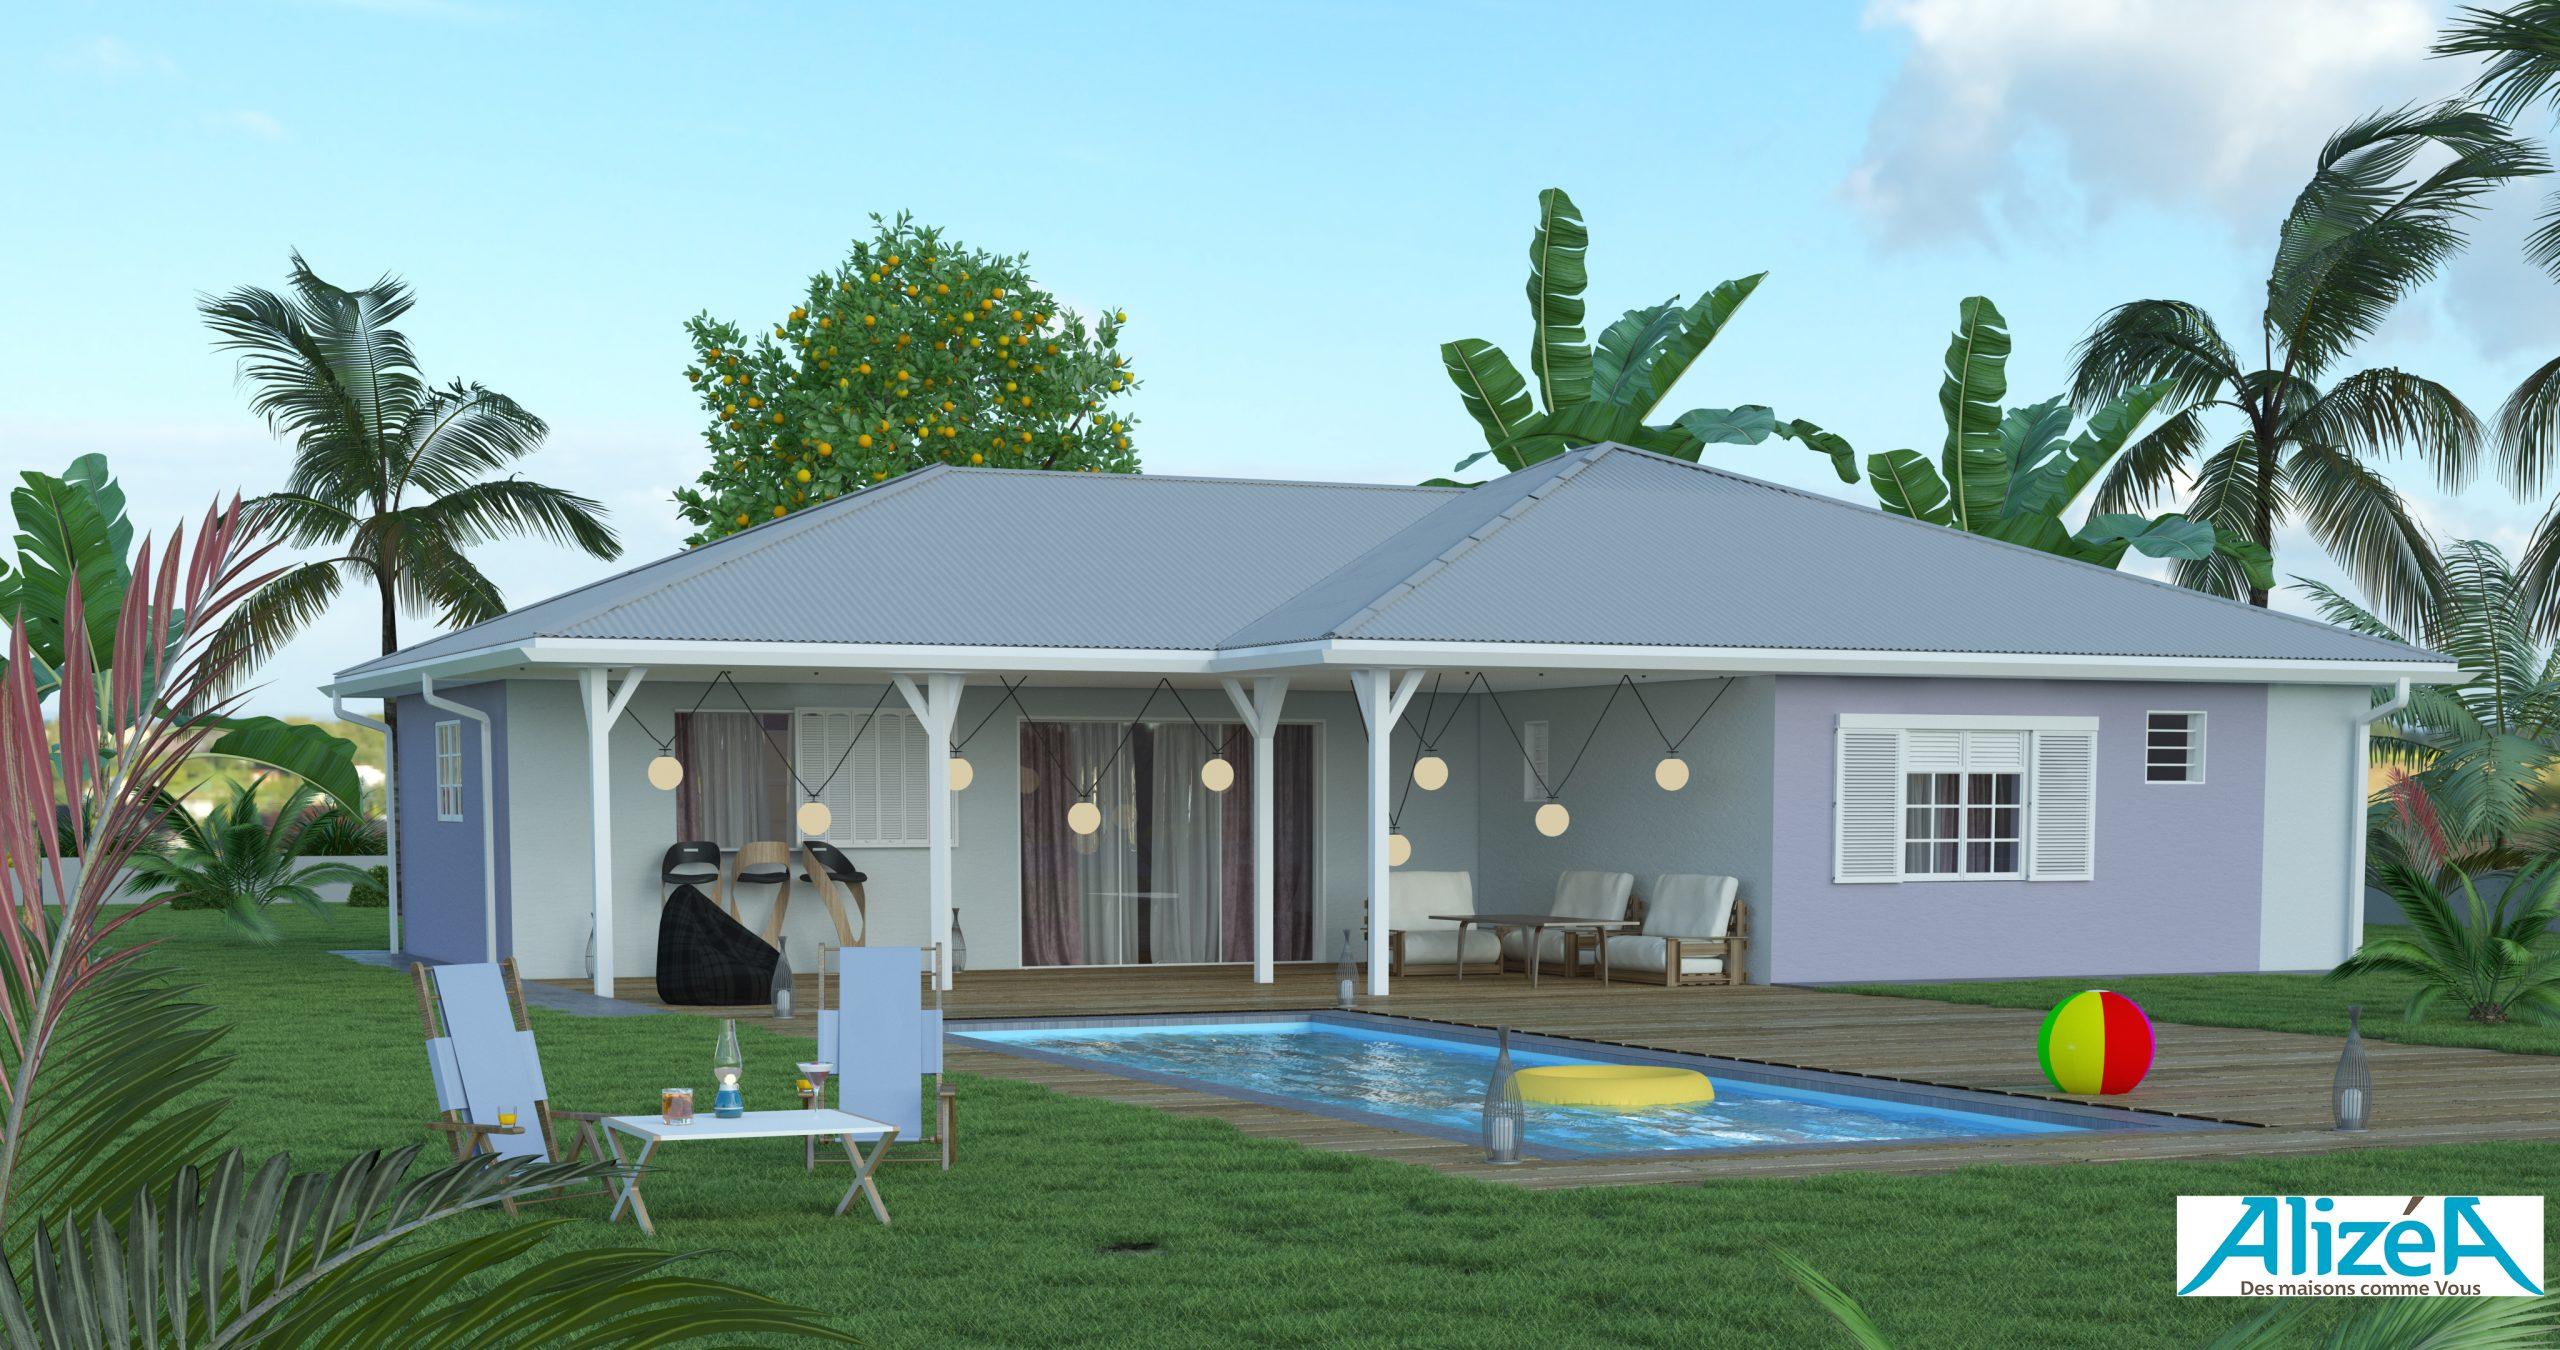 Accueil - Constructeurs De Maisons Nf En Martinique (972 ... encequiconcerne Maison En Kit Martinique